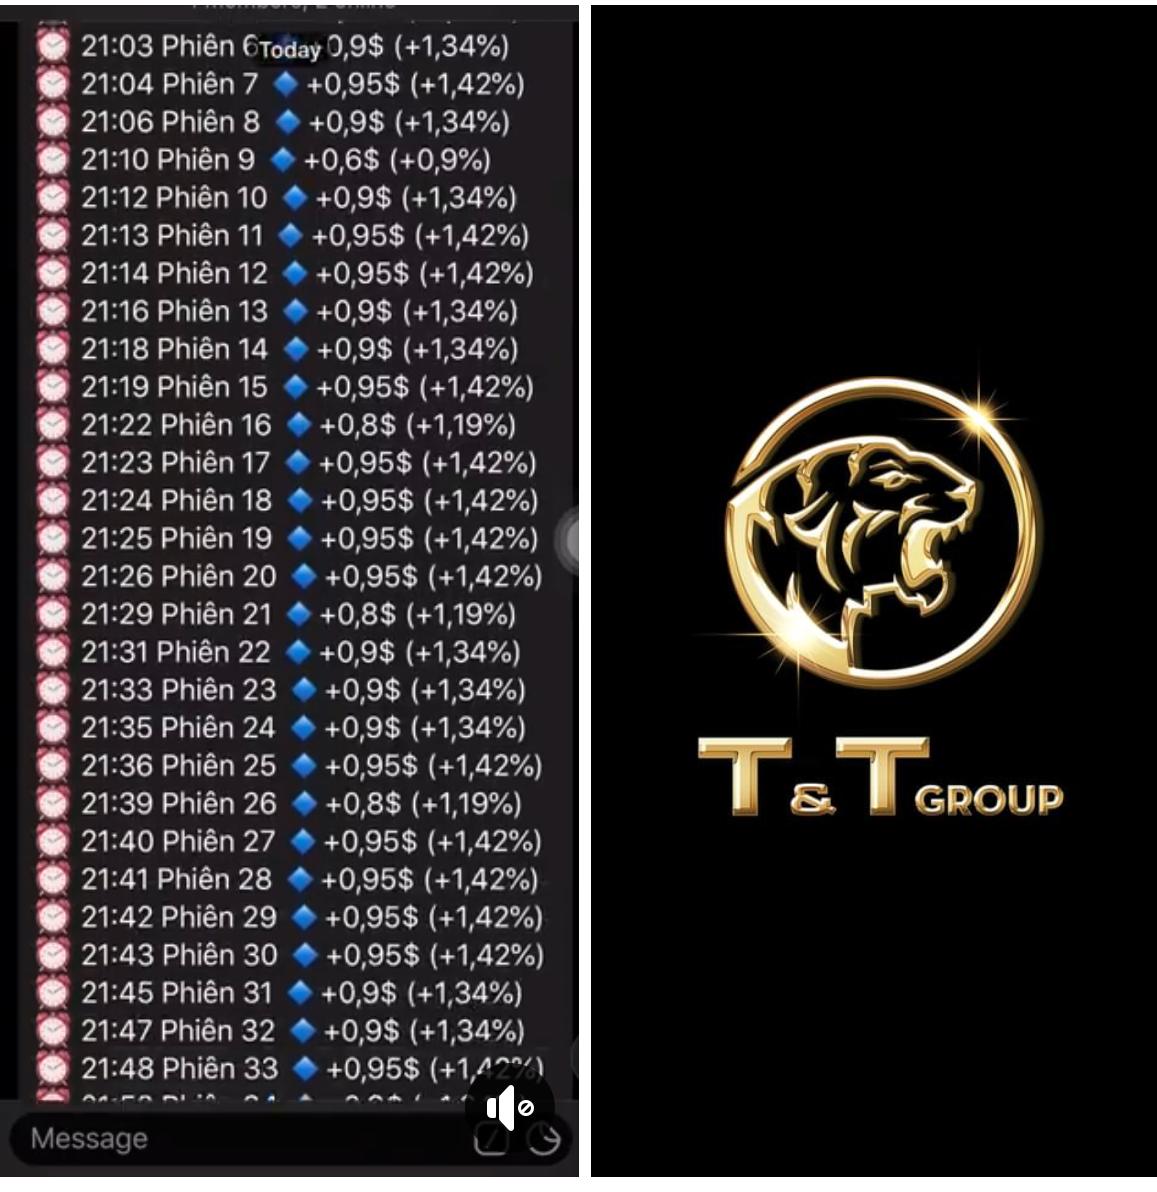 Phát hiện sàn tiền ảo mạo danh thương hiệu Tập đoàn T&T Group